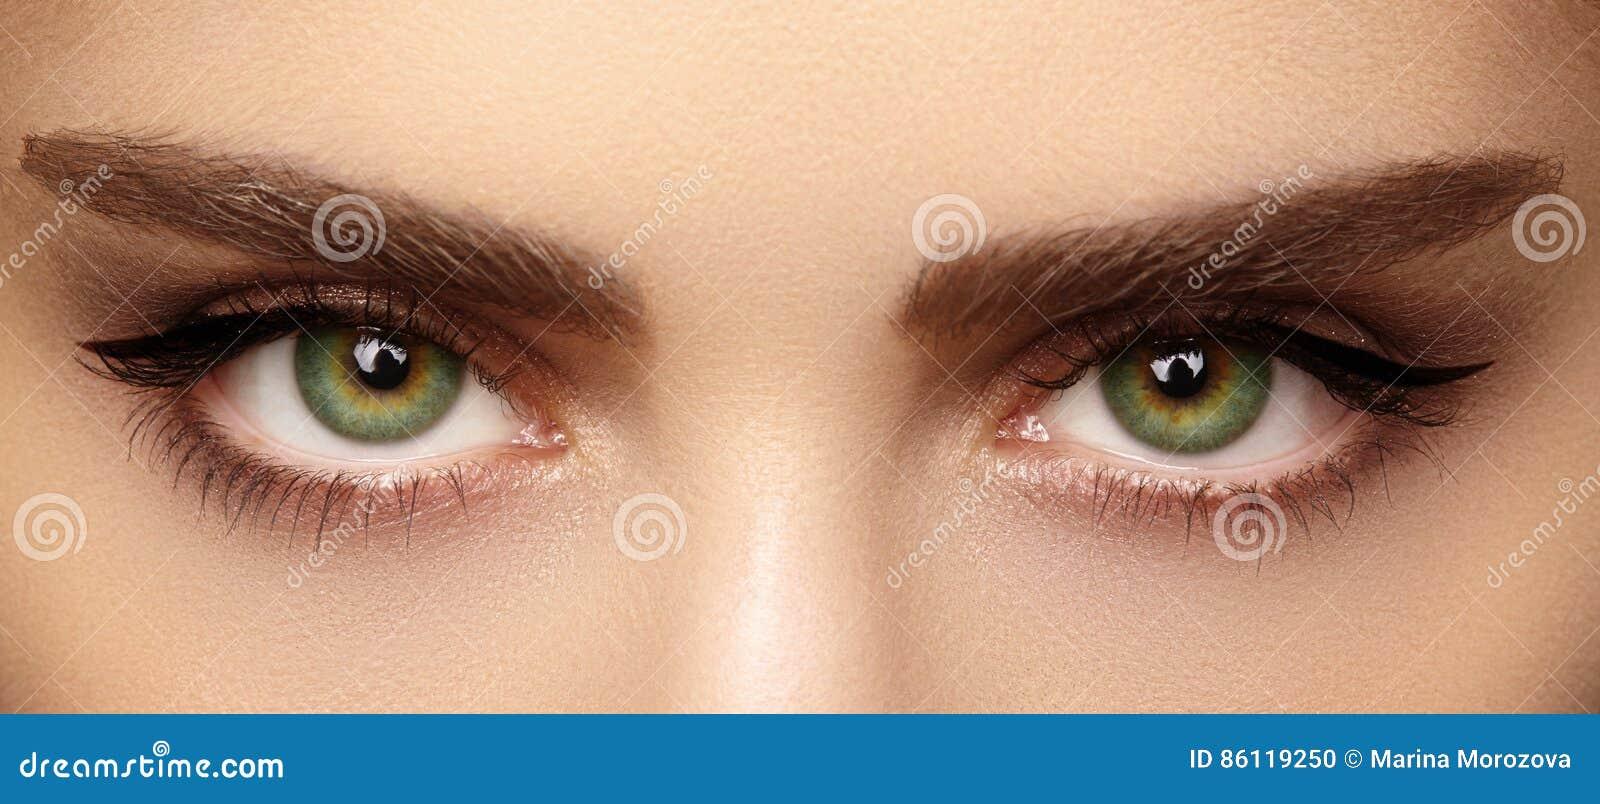 Göra perfekt form av ögonbryn och extremt långa ögonfrans Makroskottet av mode synar anlete För och after